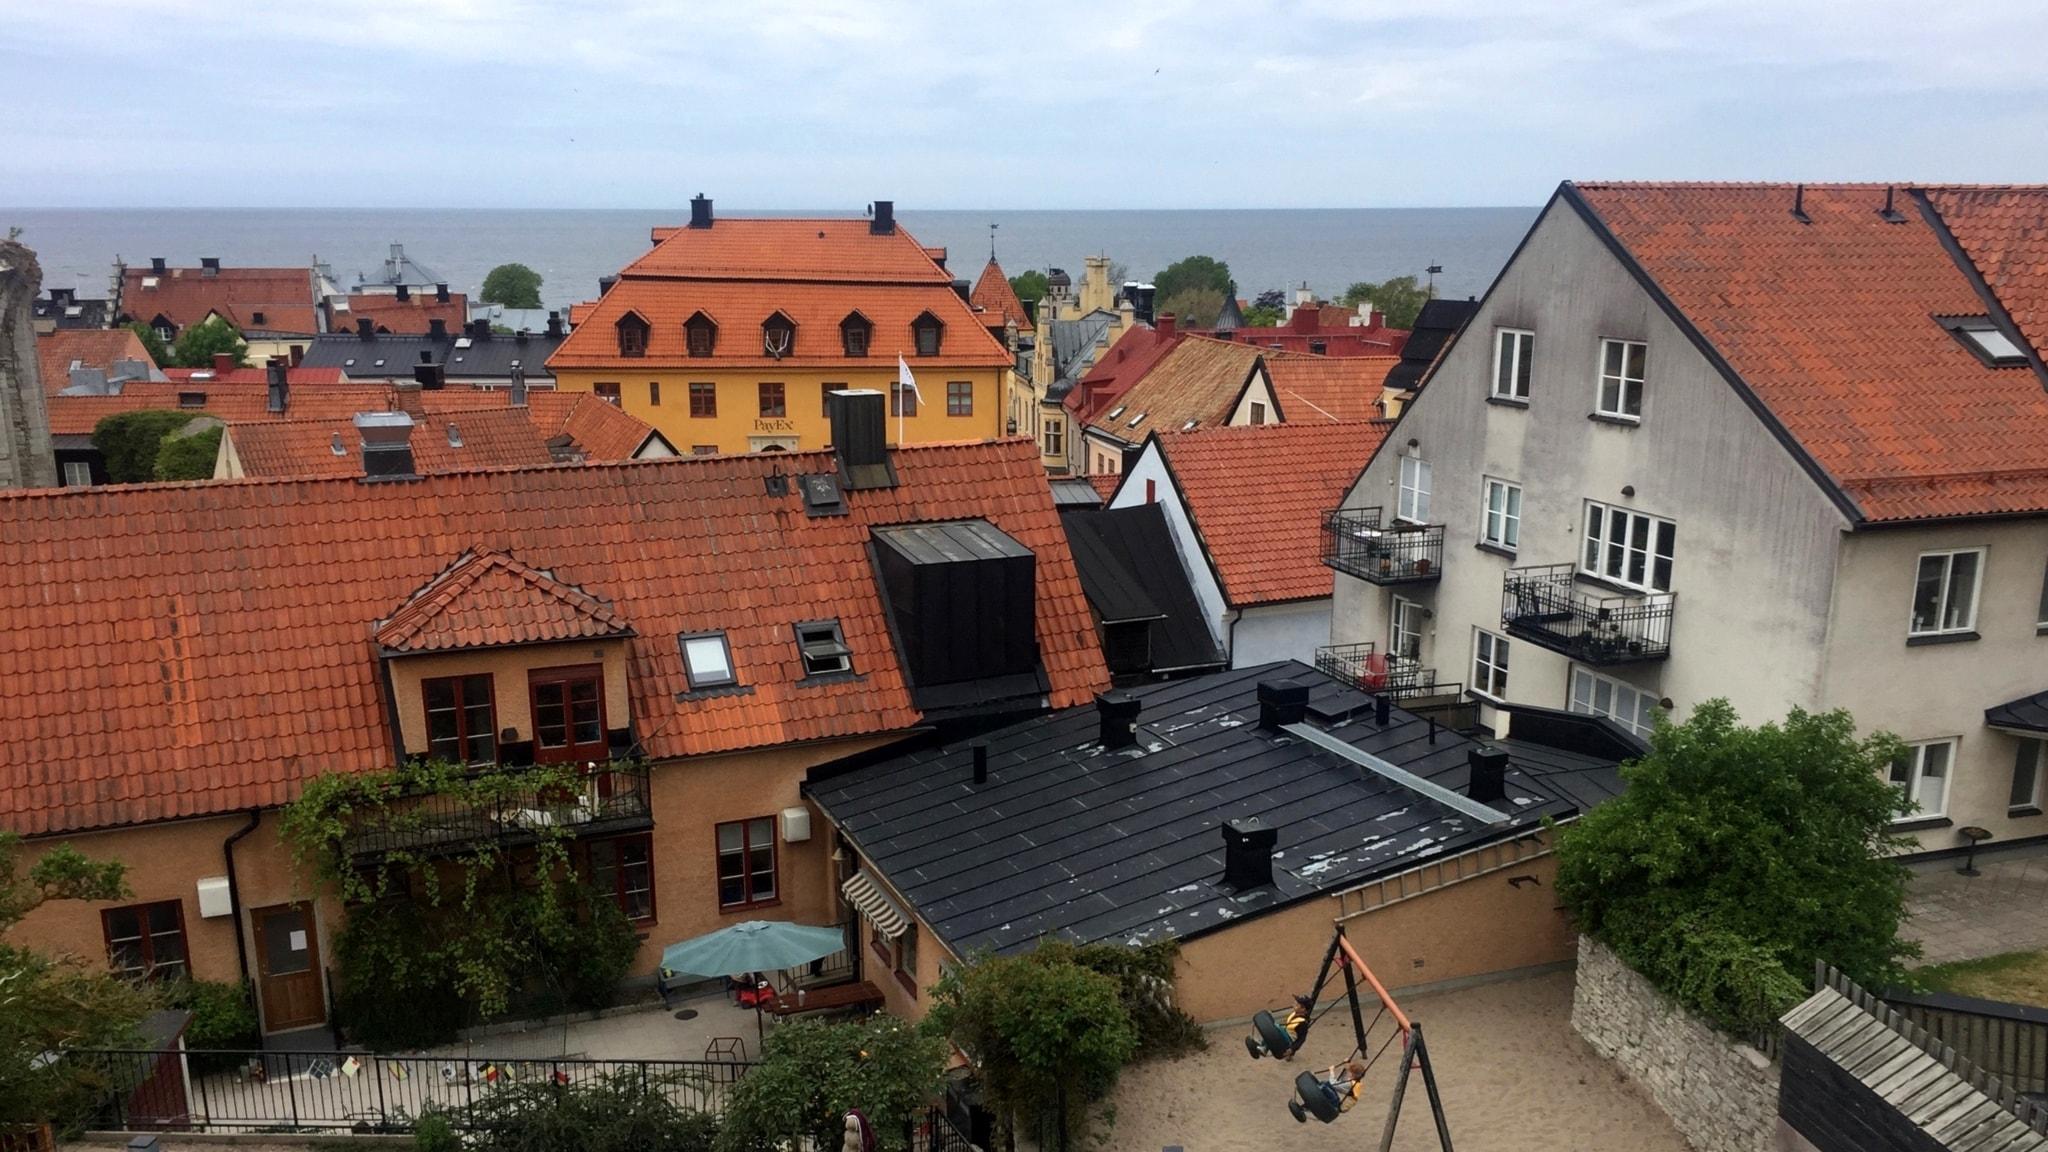 Visby lägger sig platt inför ringmuren